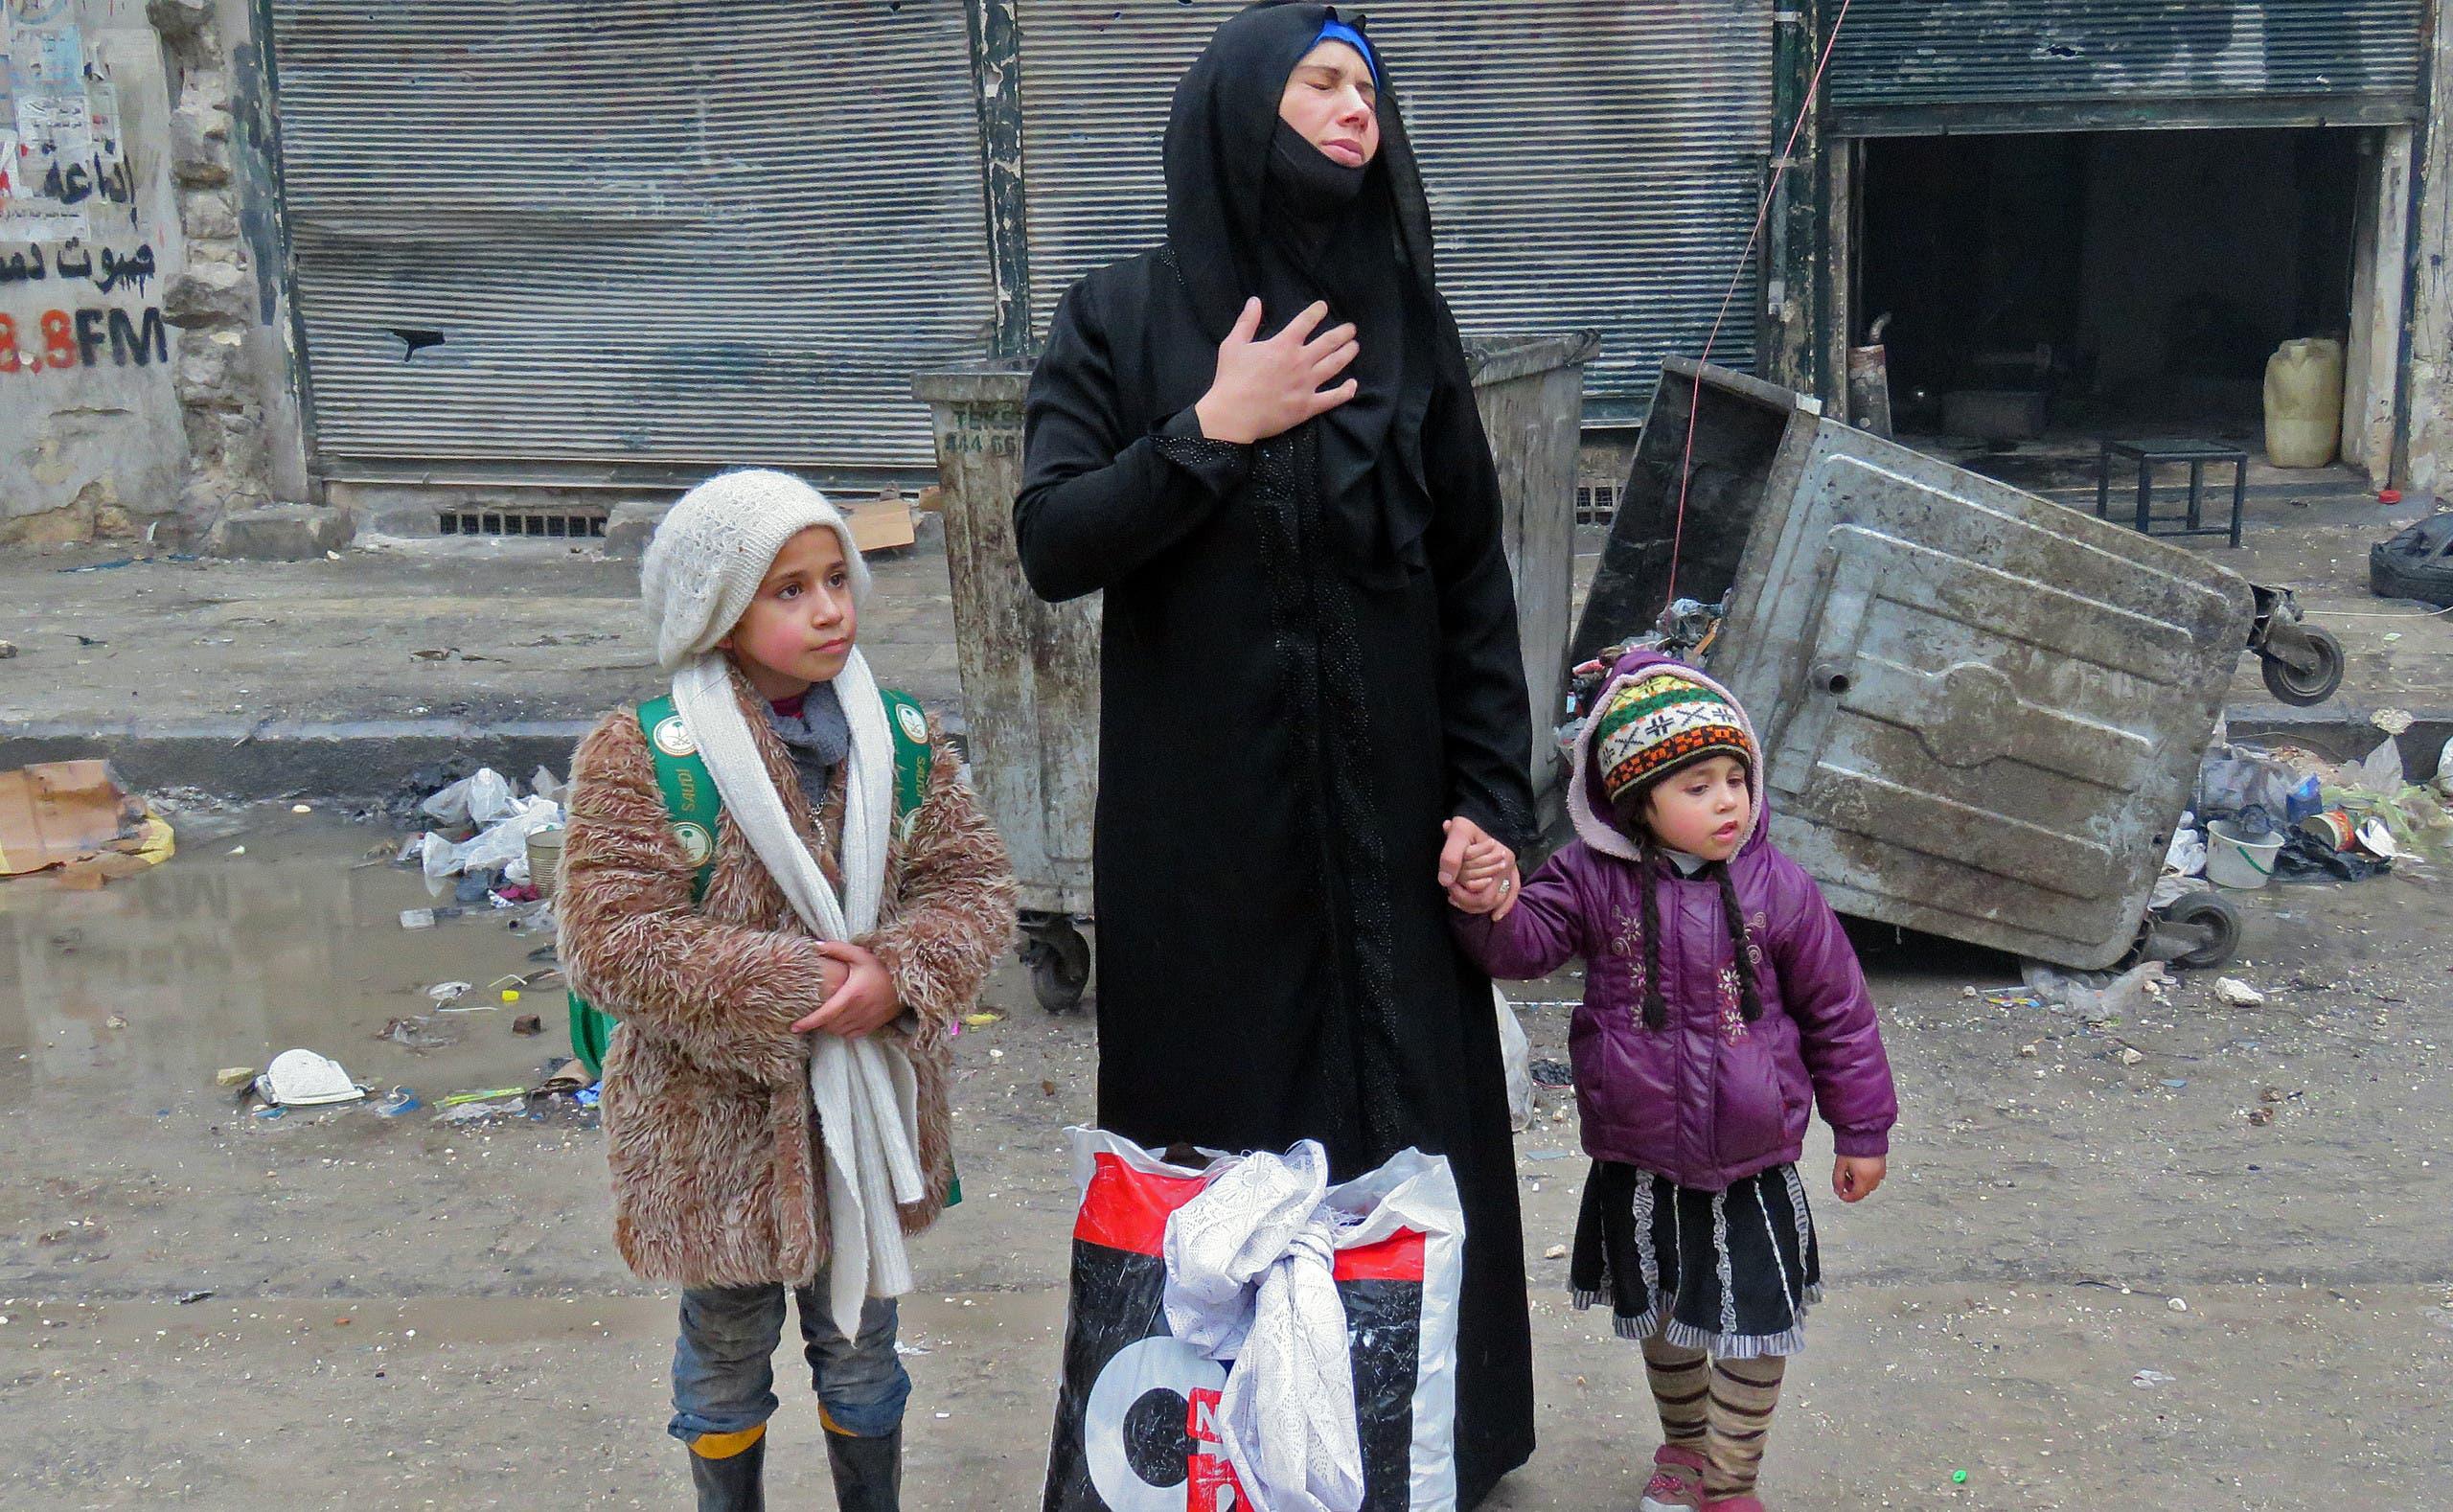 امرأة سورية تهرب مع ولدين من العنف في حلب بعد اقتحام النظام لآخر معاقل المعارضة في المدينة بـ2016